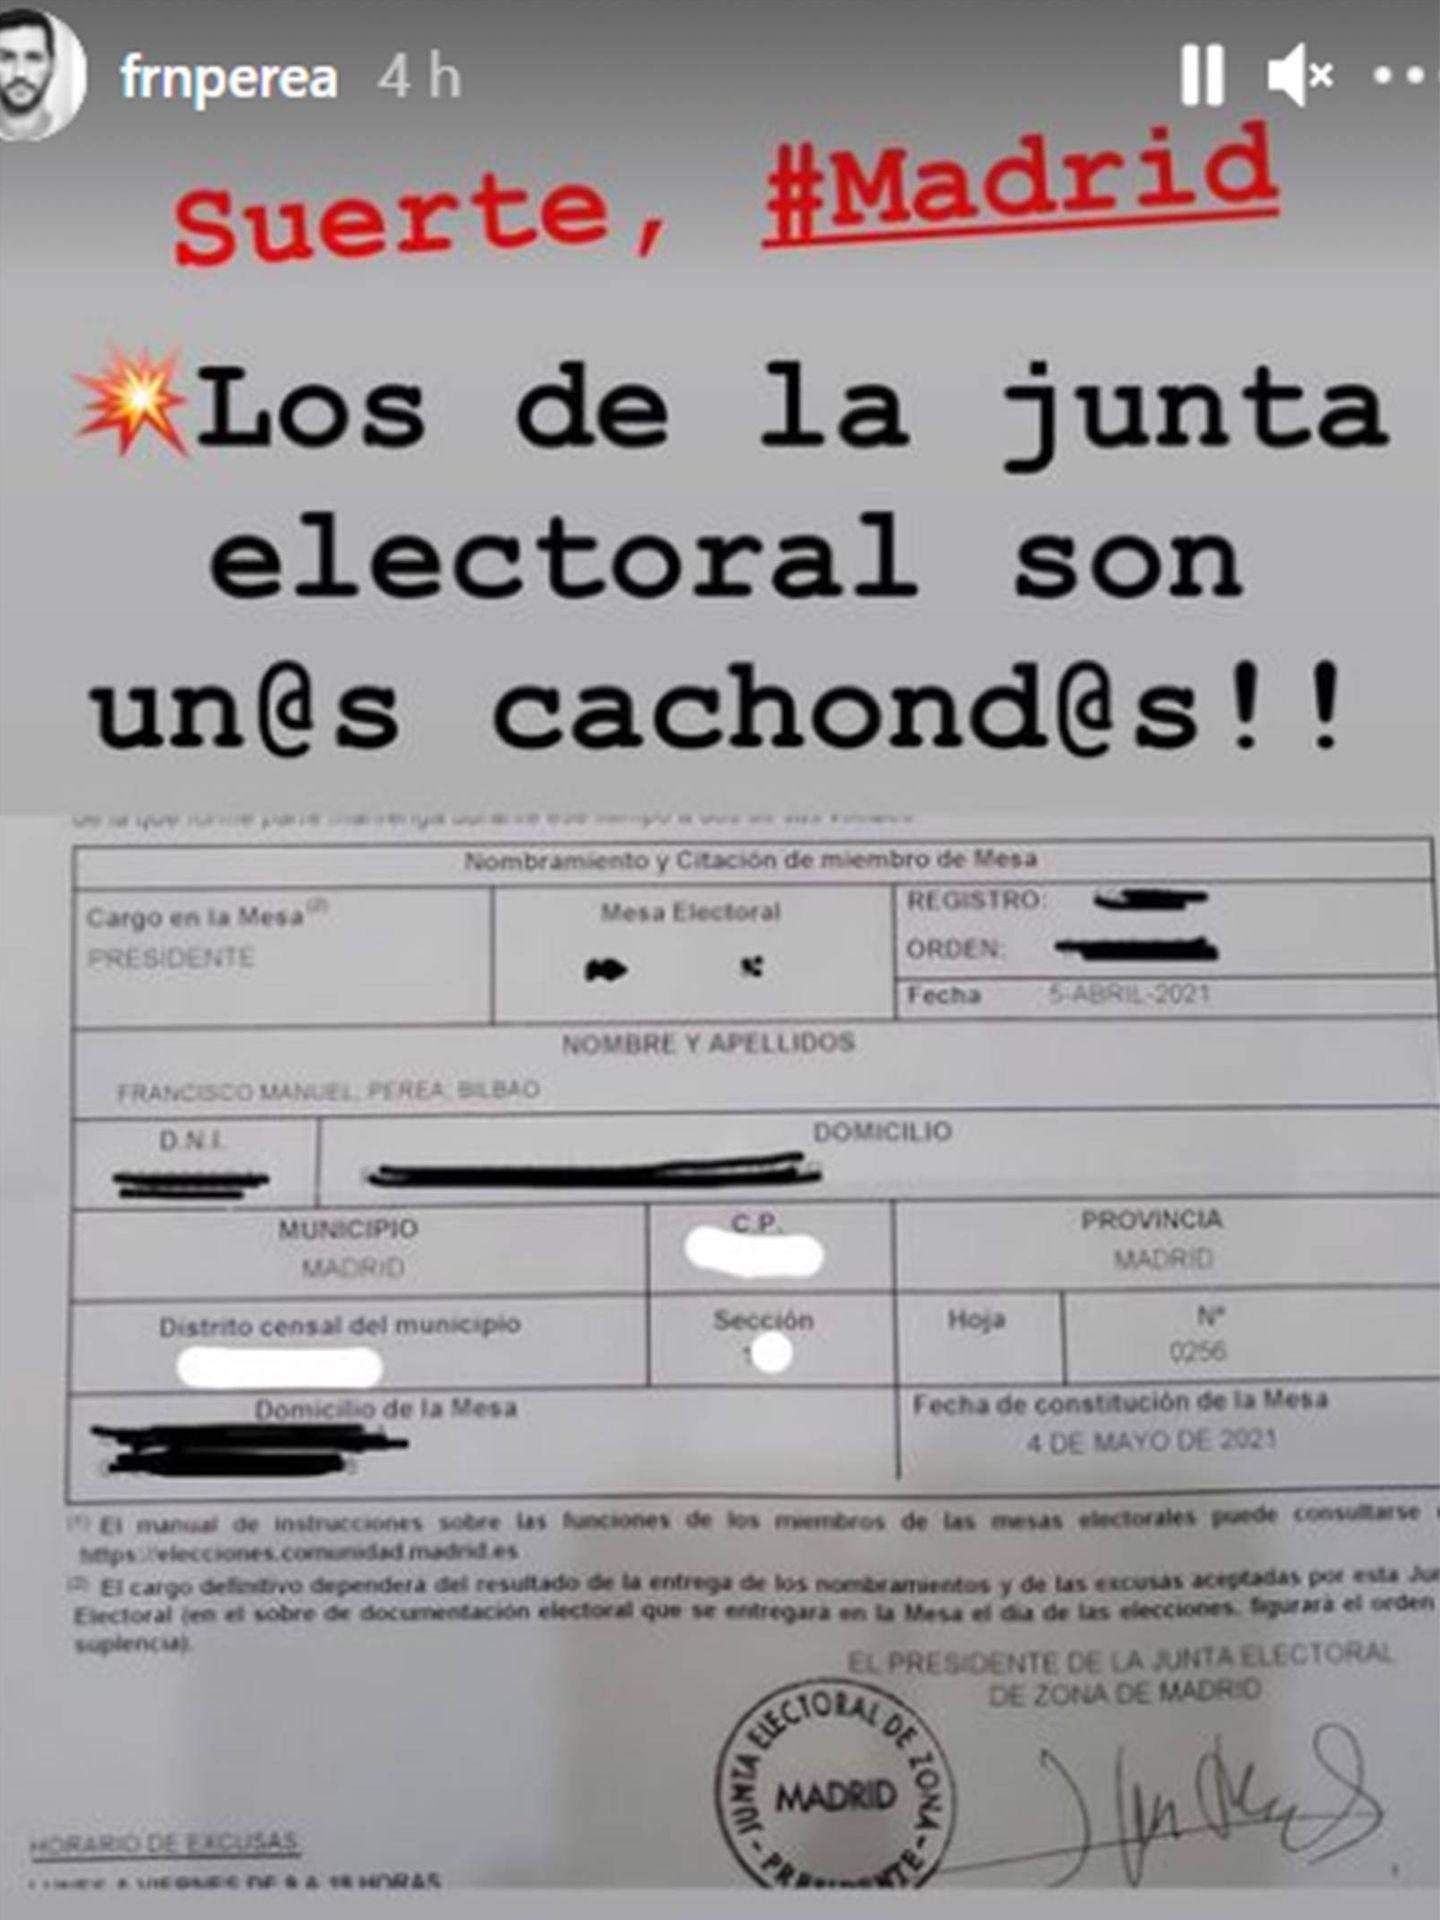 Fran Perea desvela que es presidente de mesa electoral. (Instagram @frnperea)